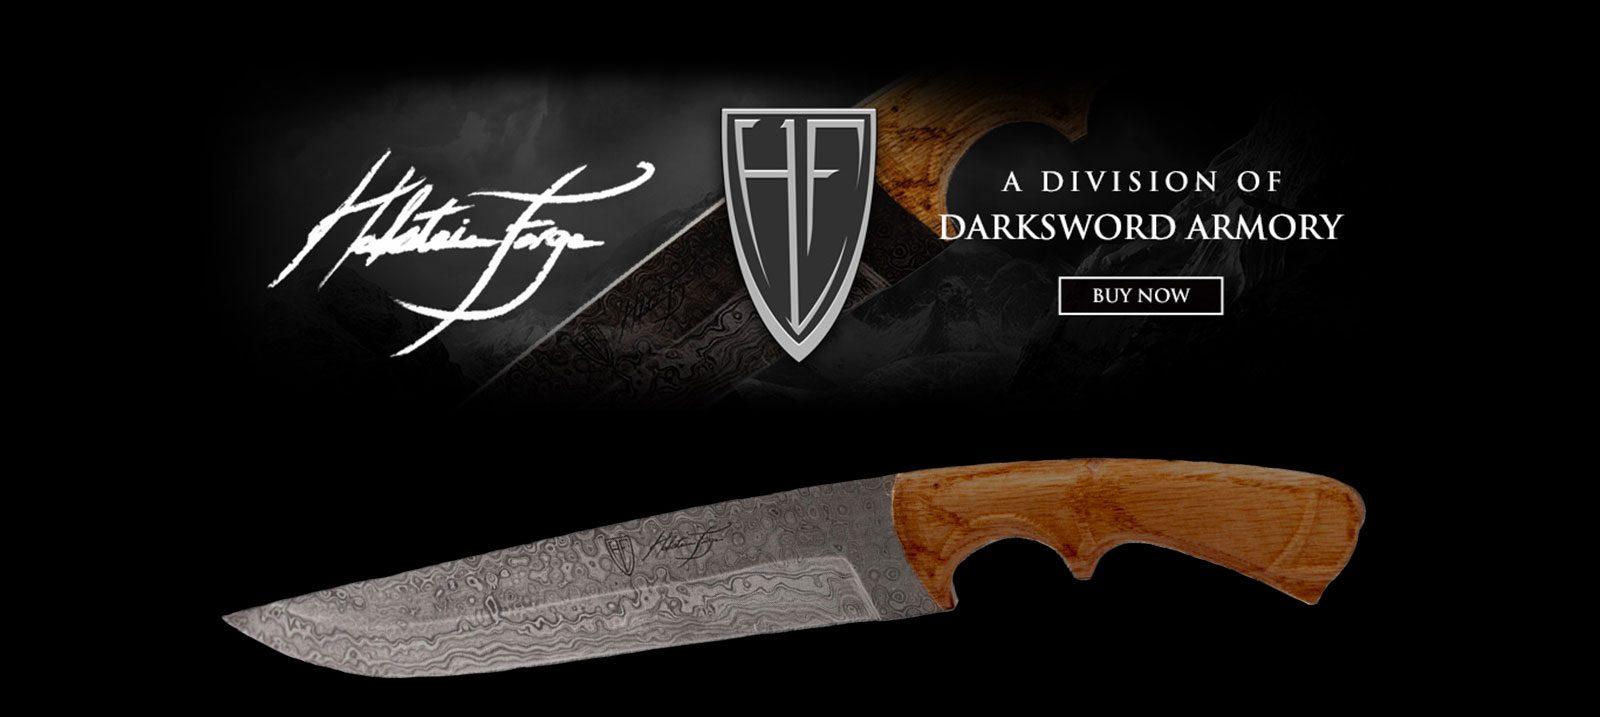 damascus-steel-knife-halstein-forge-banner